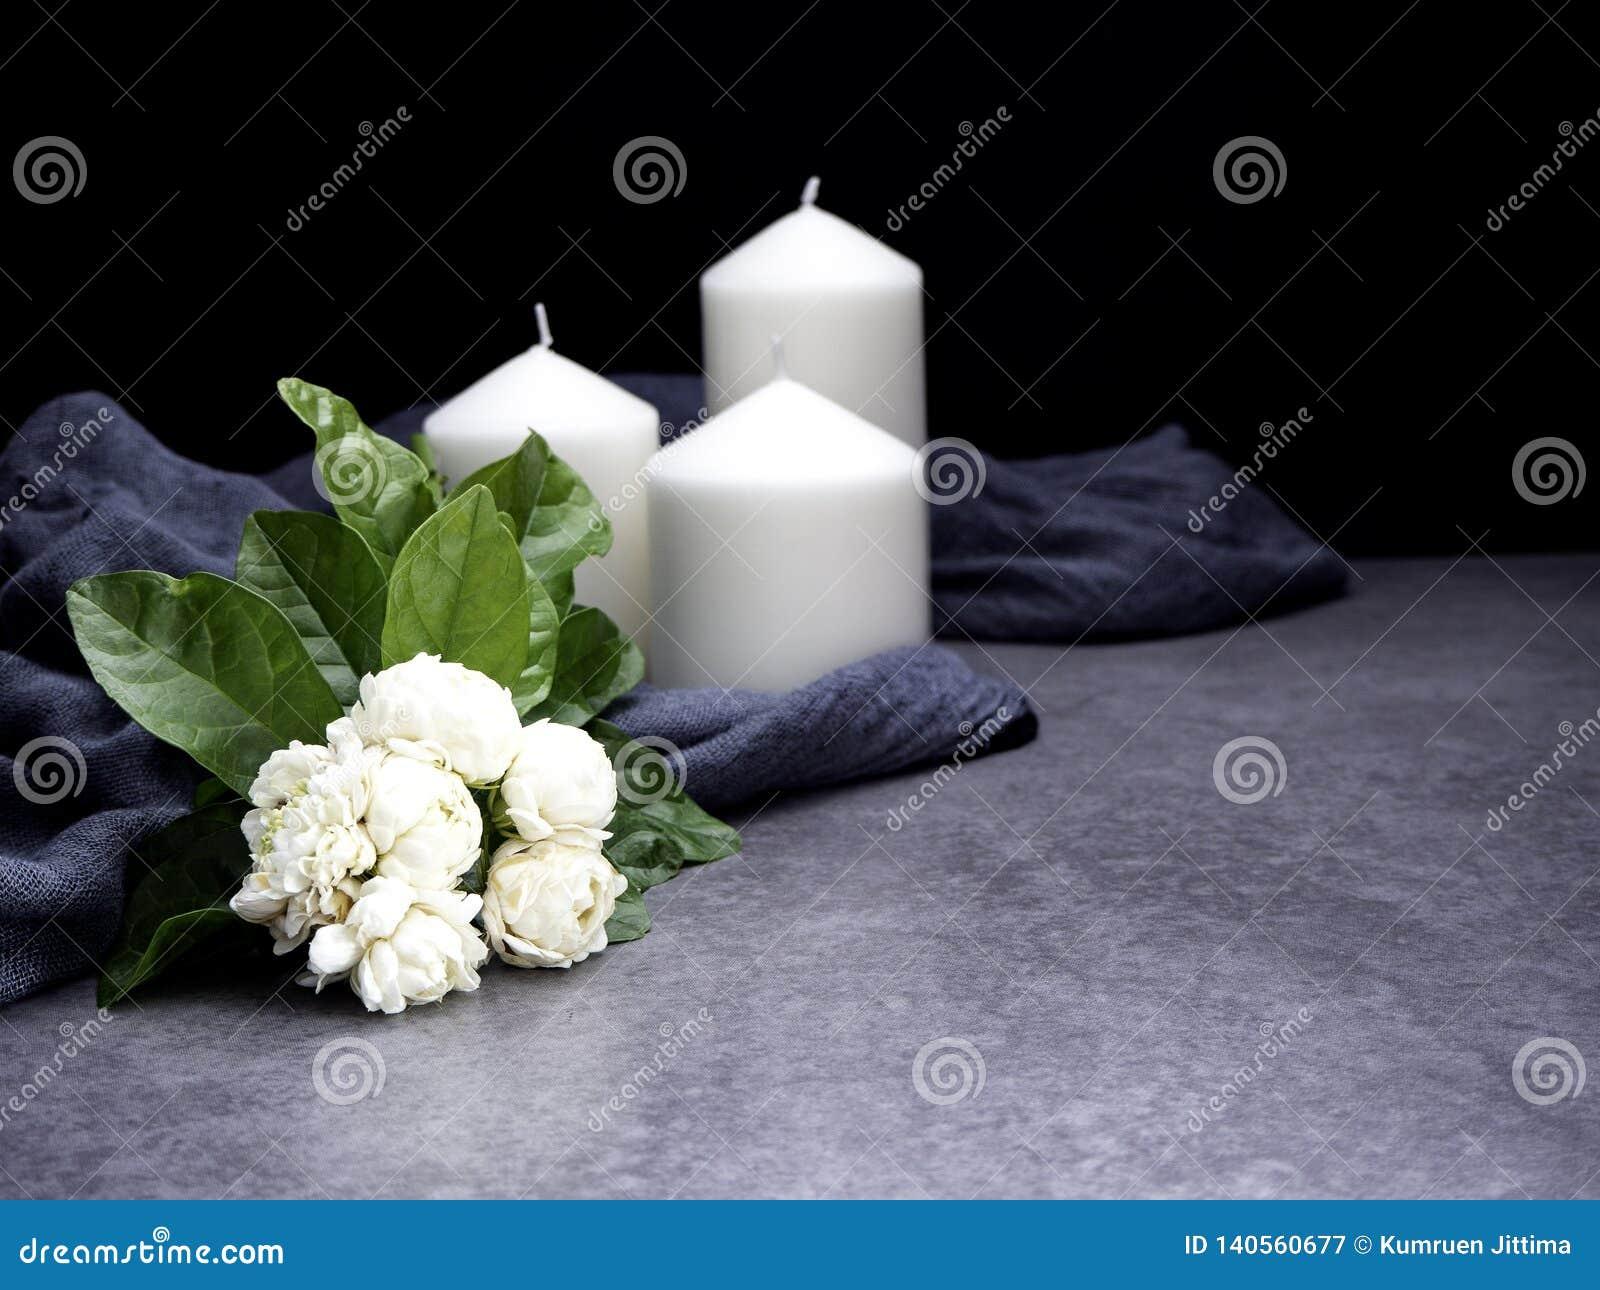 Jaśmin i świeczki na ciemnym tle